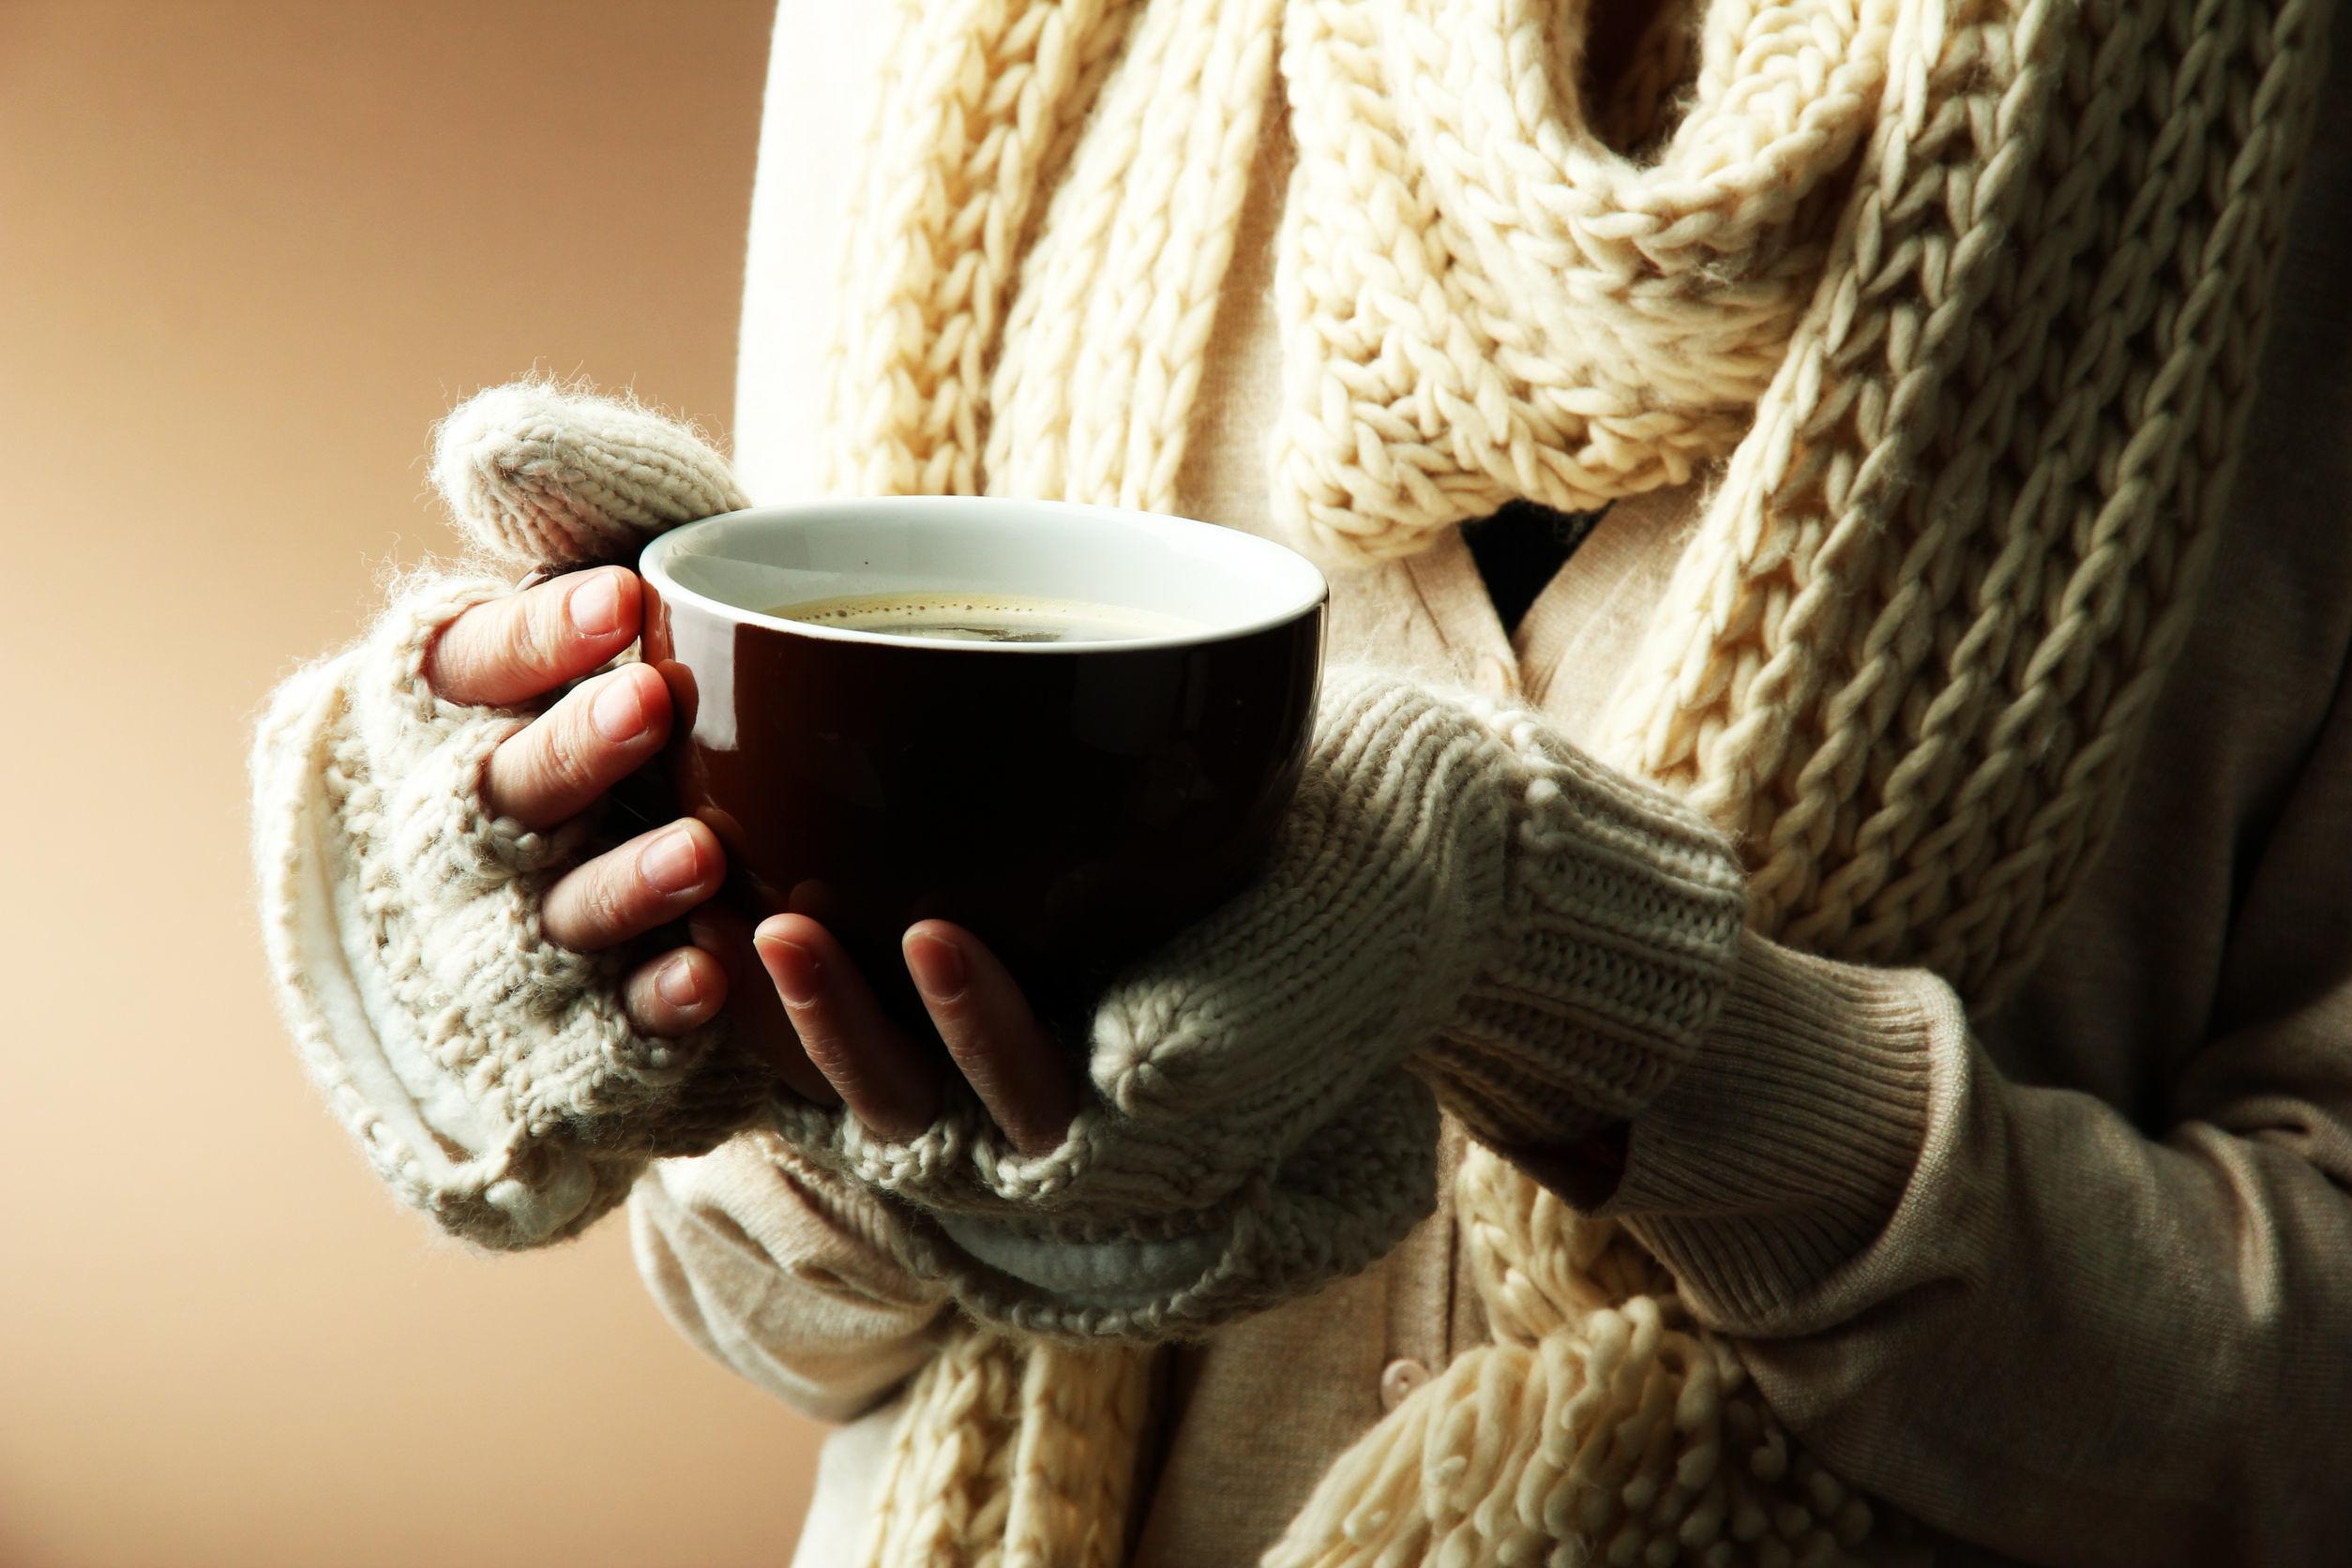 Картинка горячий чай в руках